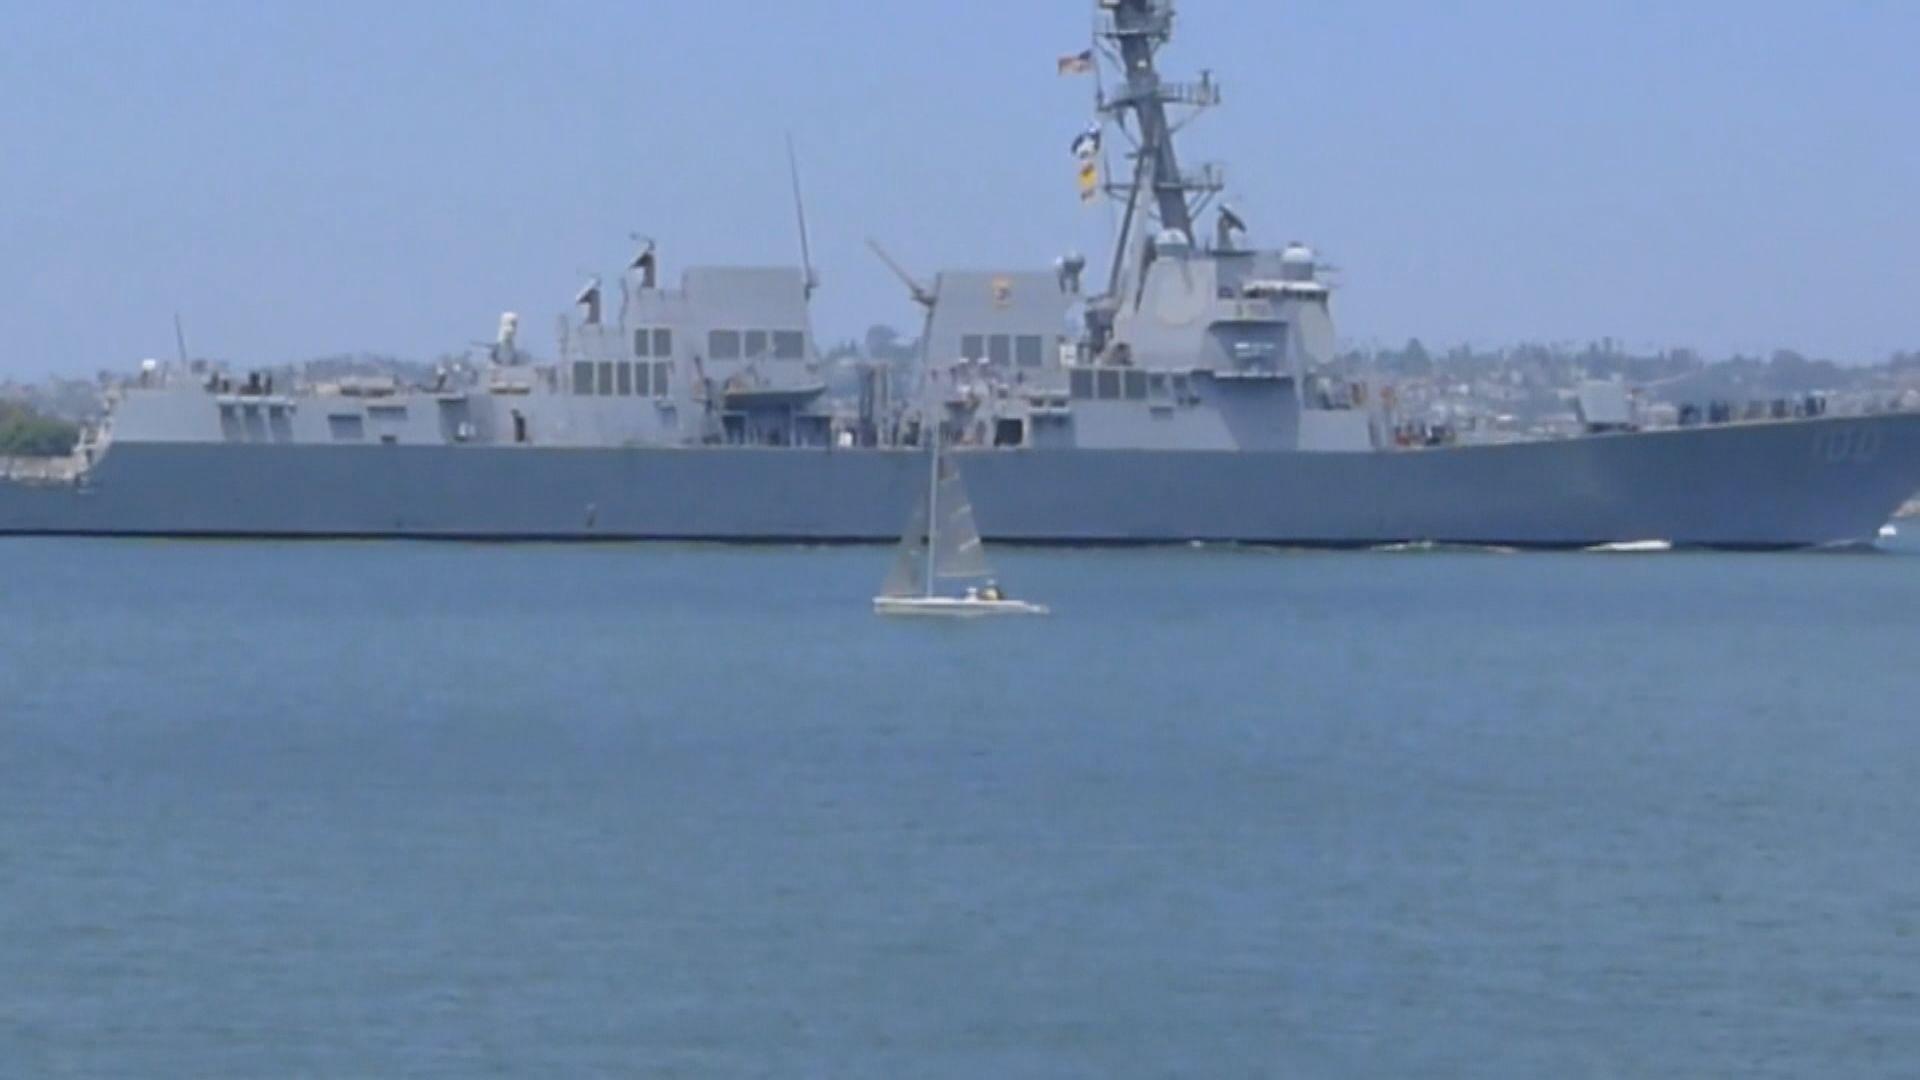 美軍驅逐艦基德號確診人數增至33人